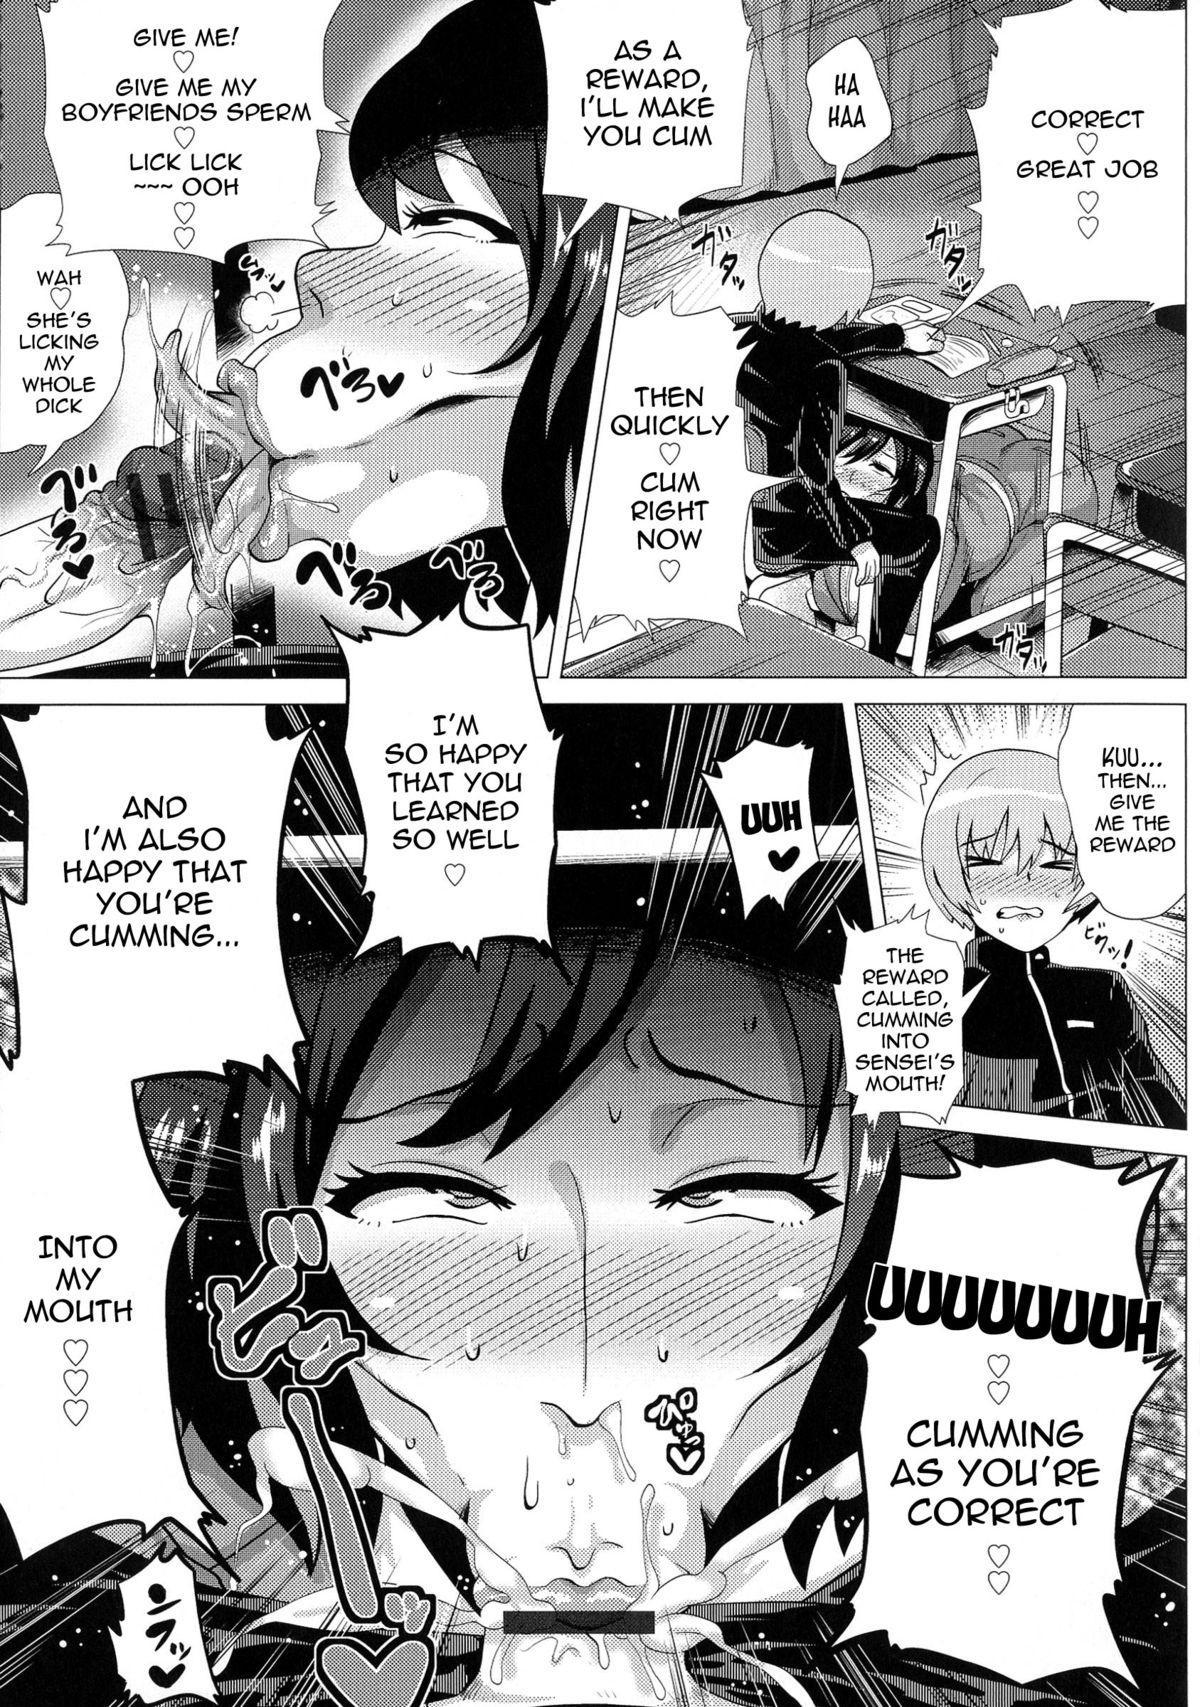 [Yokkora] Megabody Night ~Watashi no Oniku wo Meshiagare~ | Megabody Night ~My voluptuous body & mom love~ [English] {Laruffi + desudesu + EHCOVE} 133